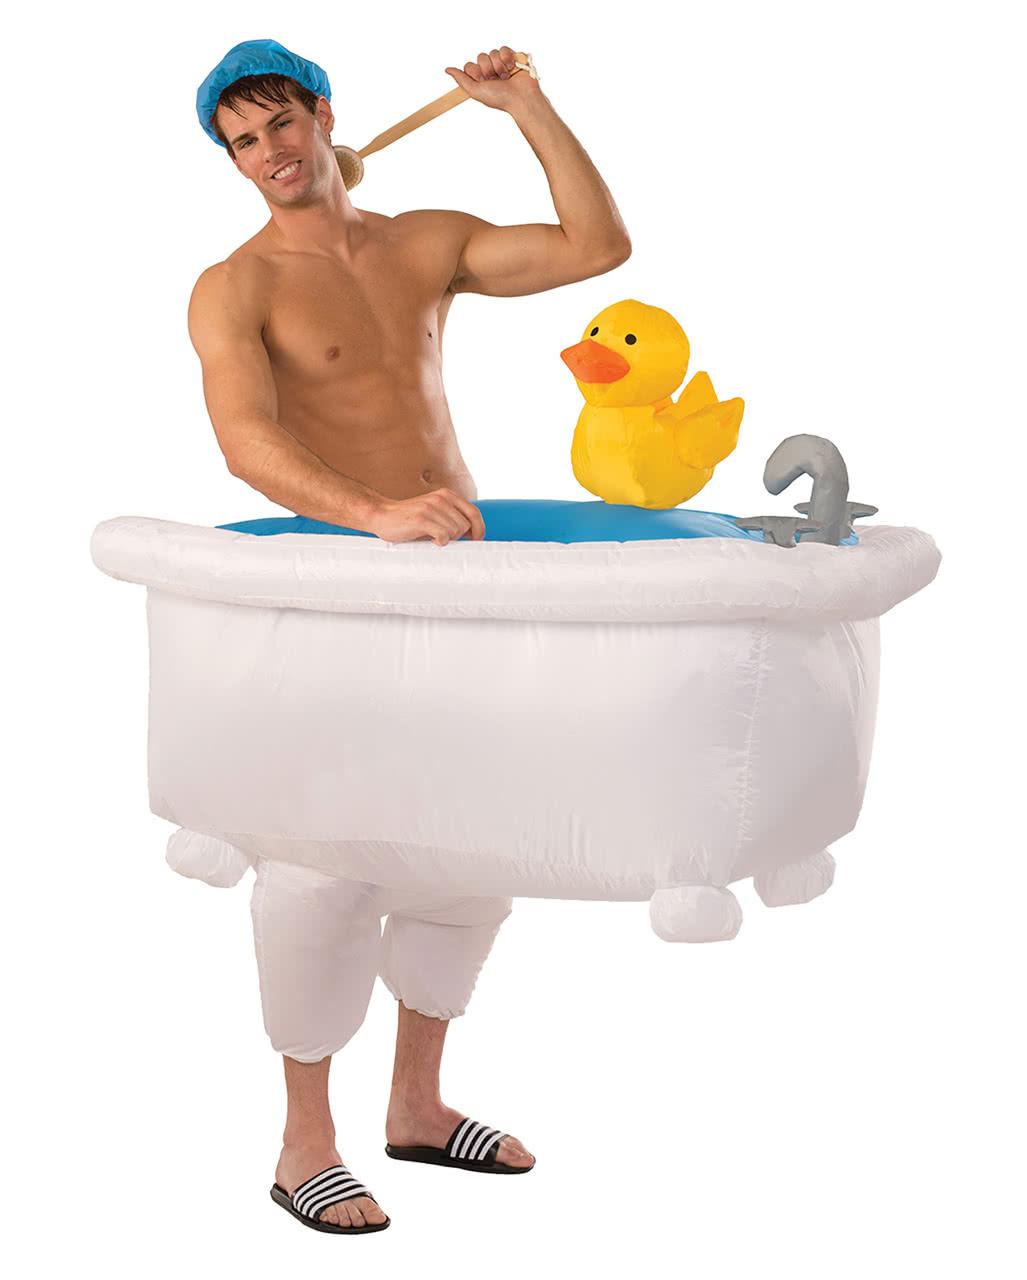 Kostum Aufblasbare Badewanne Witzige Karnevalskostume Kaufen